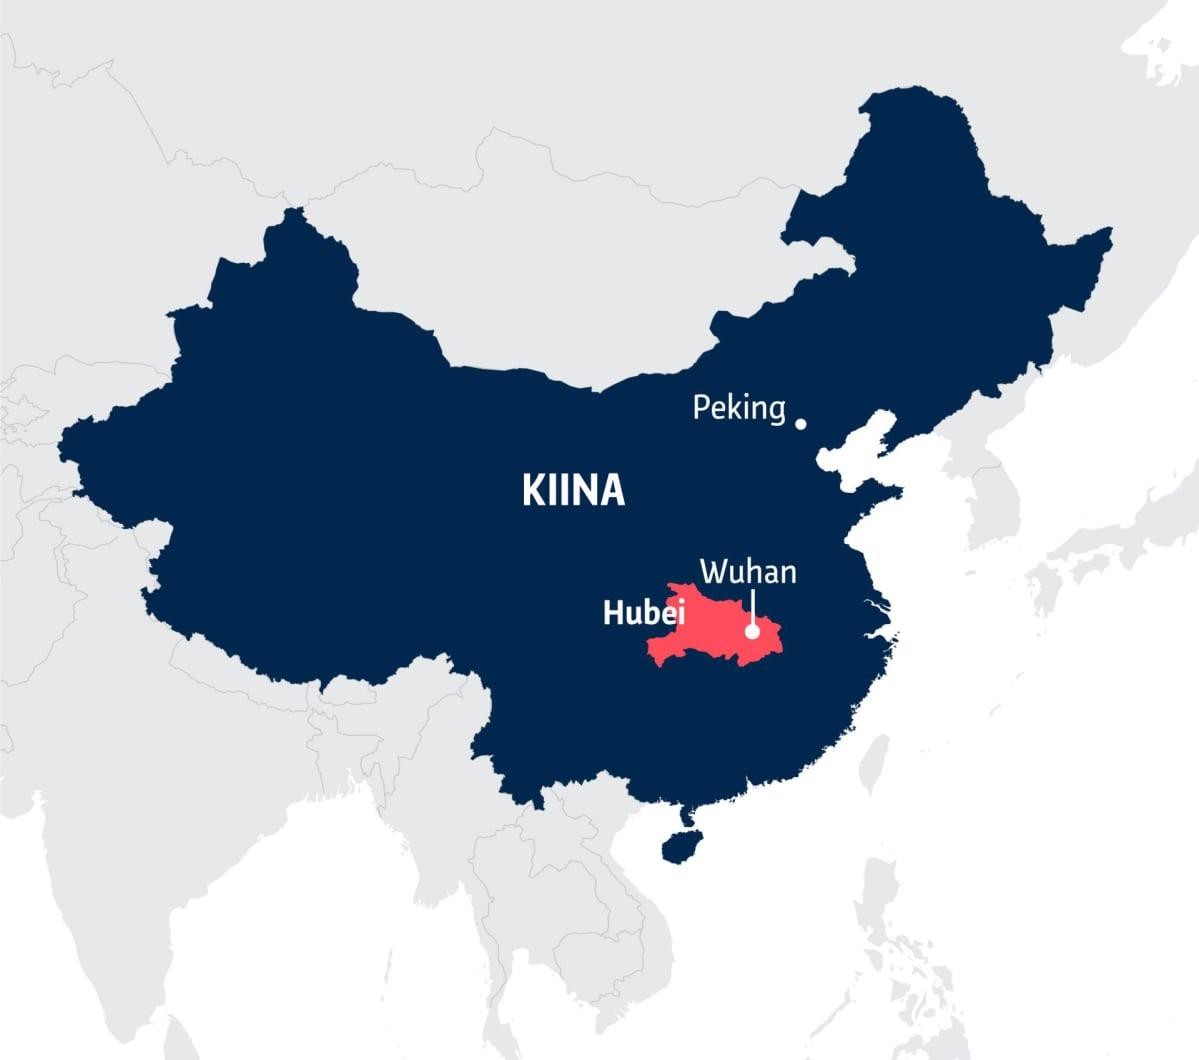 Kiinan kartta, jossa Hubein sekä Pekingin ja Wuhanin kaupunkien sijainnit.